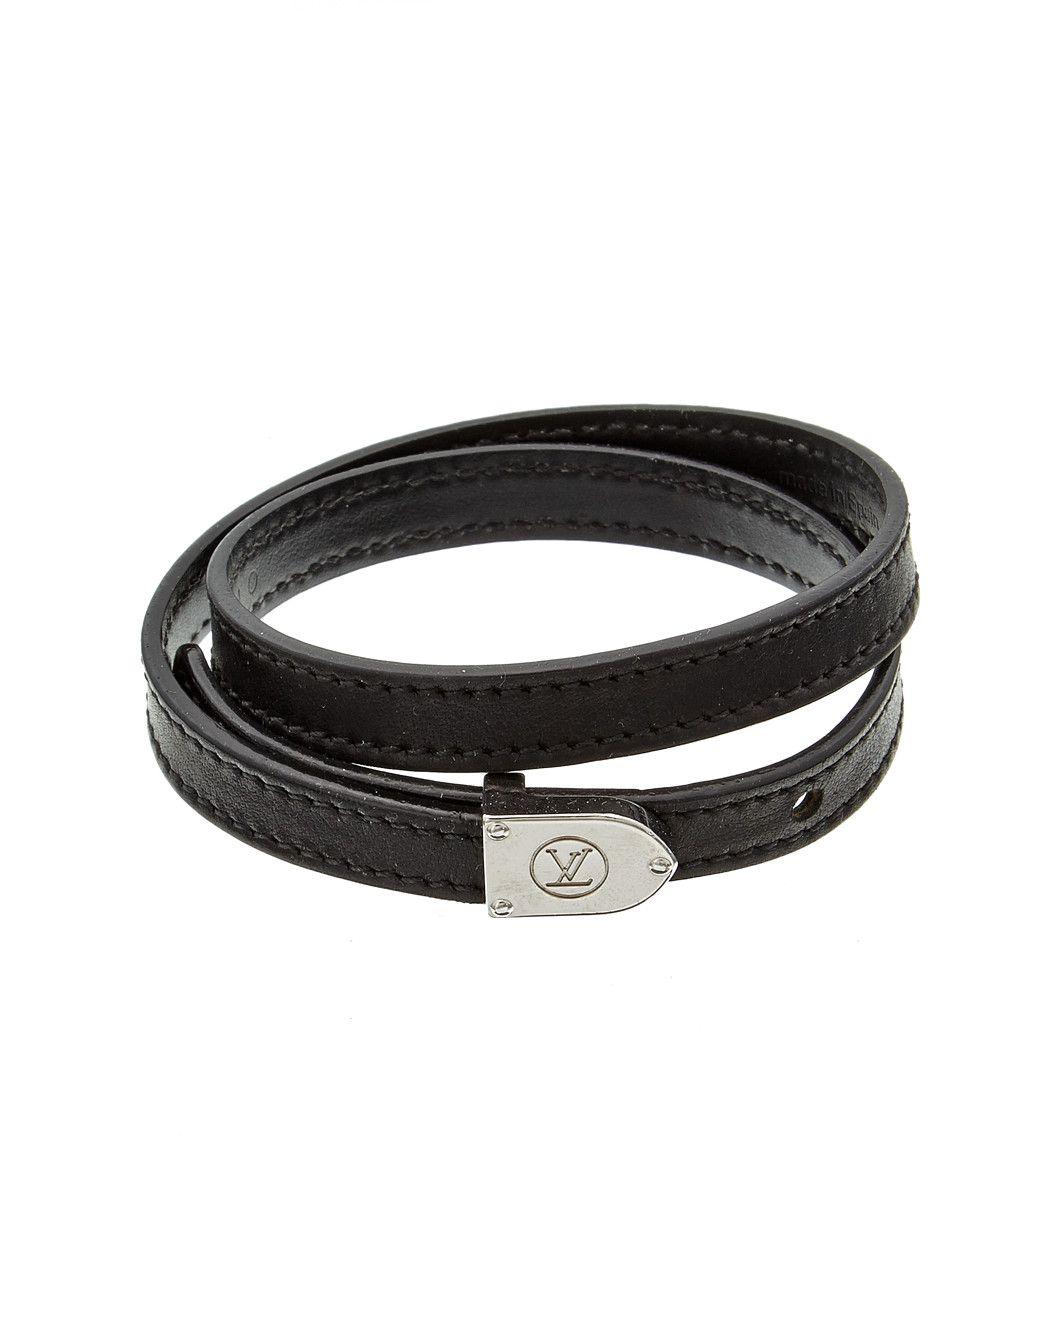 Spotted This Louis Vuitton Leather Wrap Bracelet On Rue La La Shop